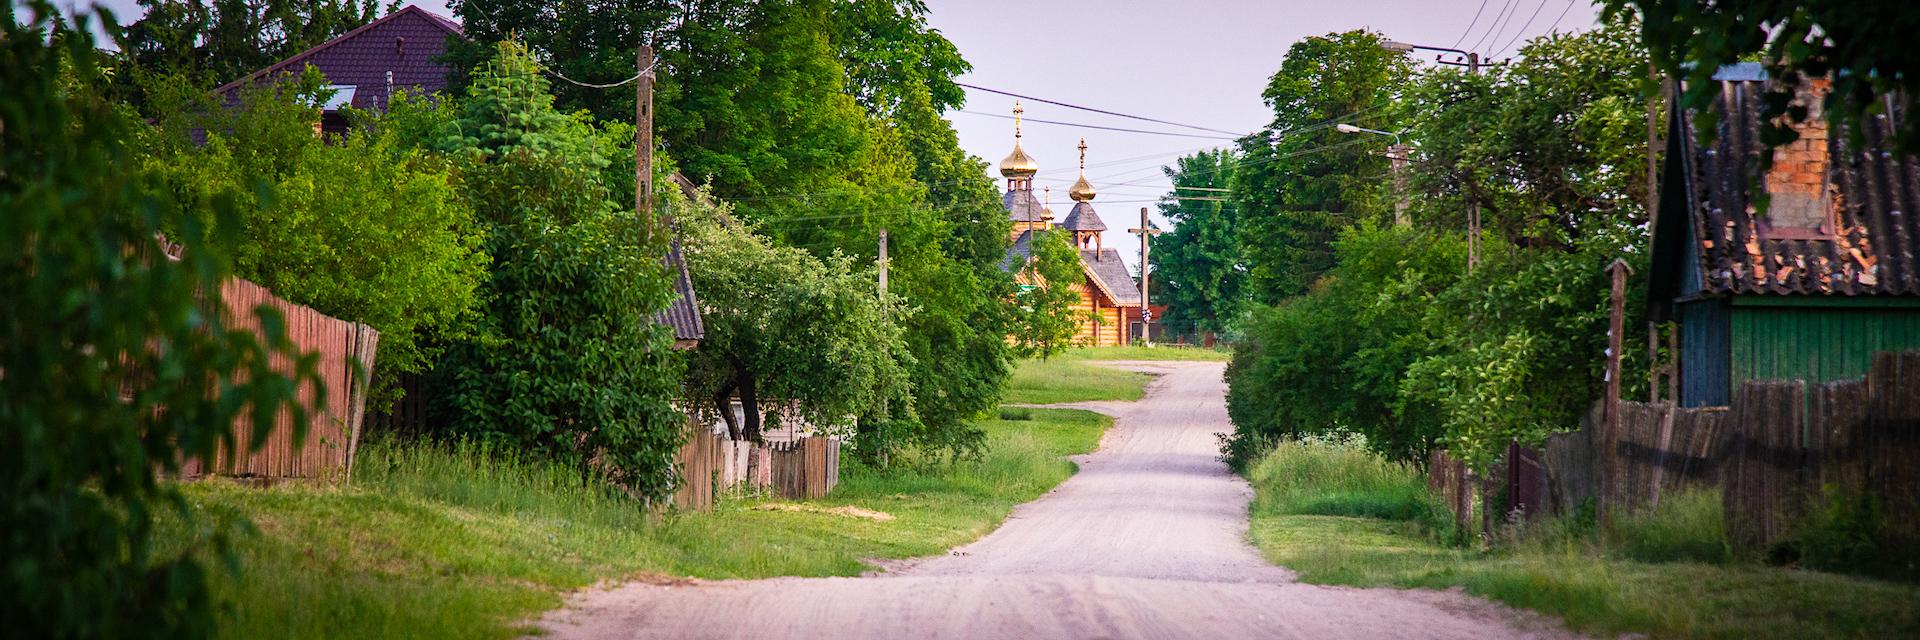 Panorama wsi puszczańskiej - Wieś Podlaska